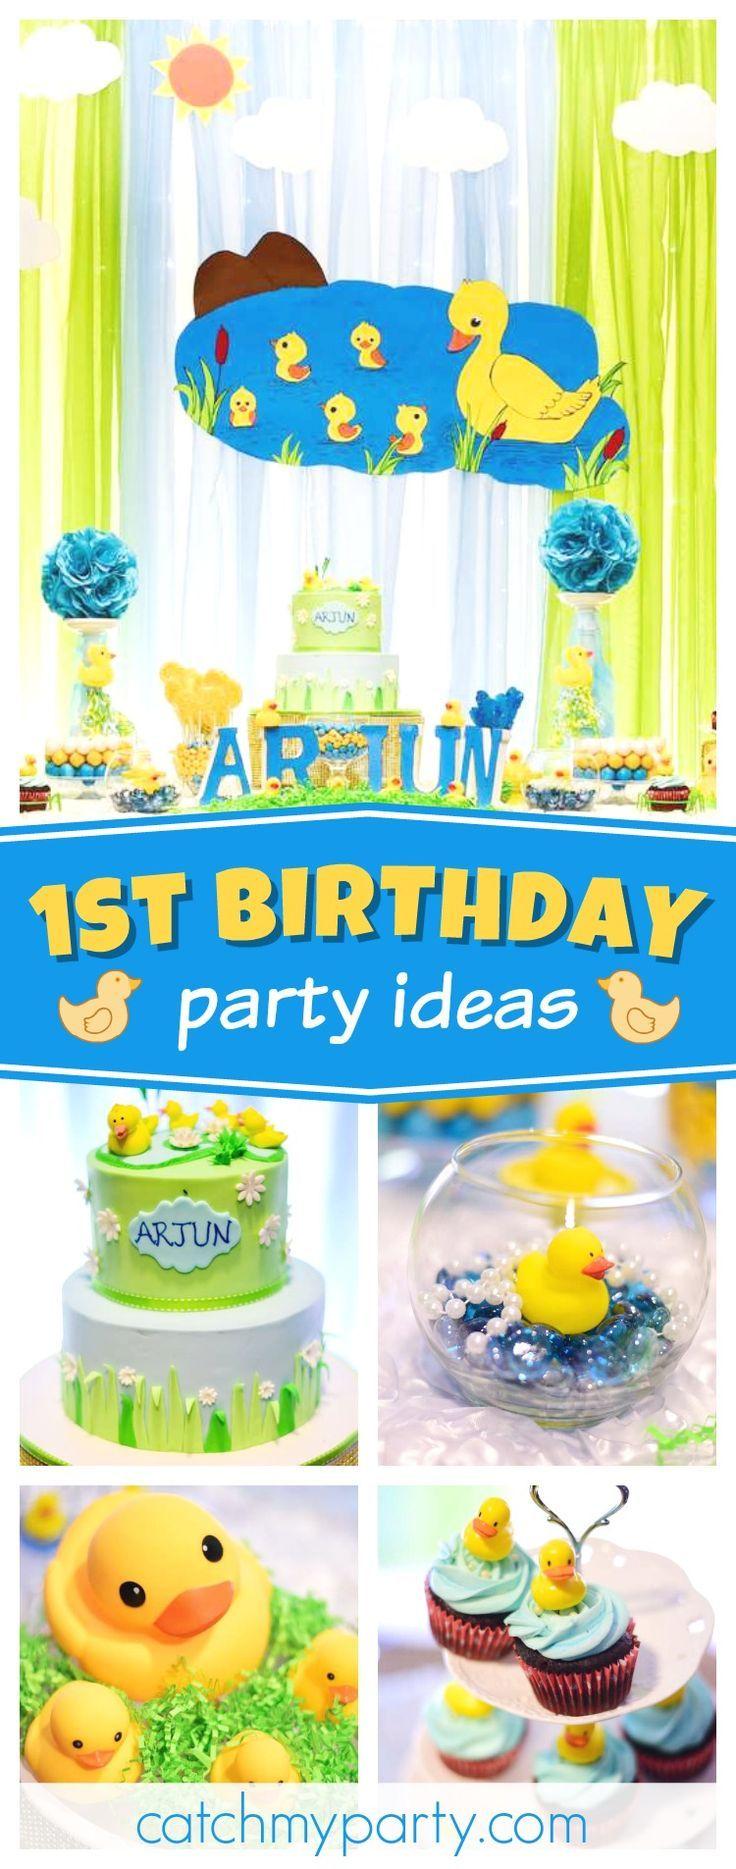 904 besten Party Ideas Bilder auf Pinterest | Geburtstage, Dessert ...